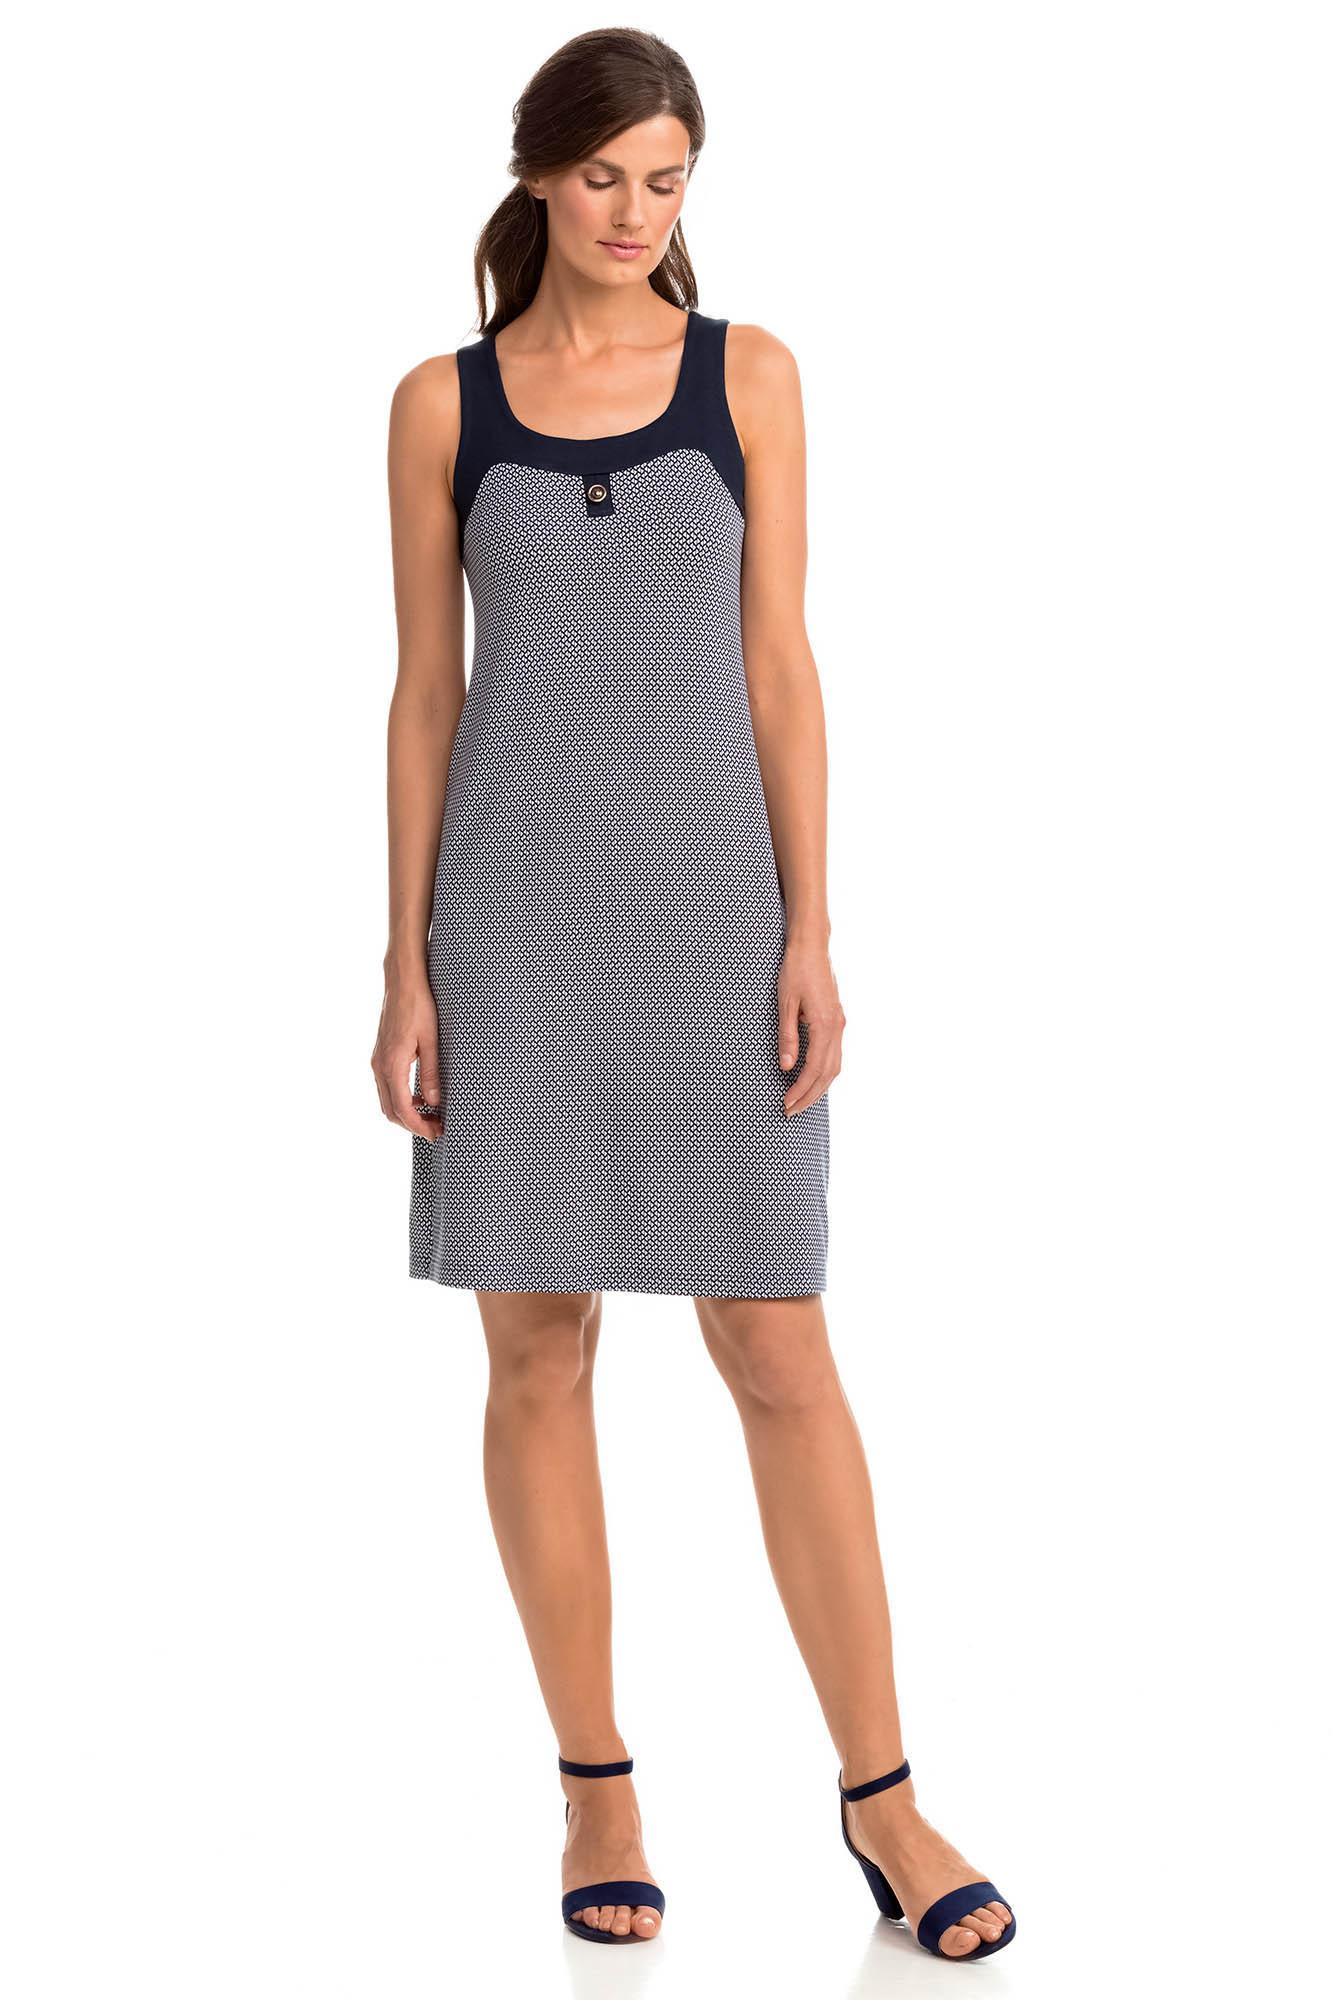 Vamp - Elegantní vzorované dámské šaty 14455 - Vamp blue m